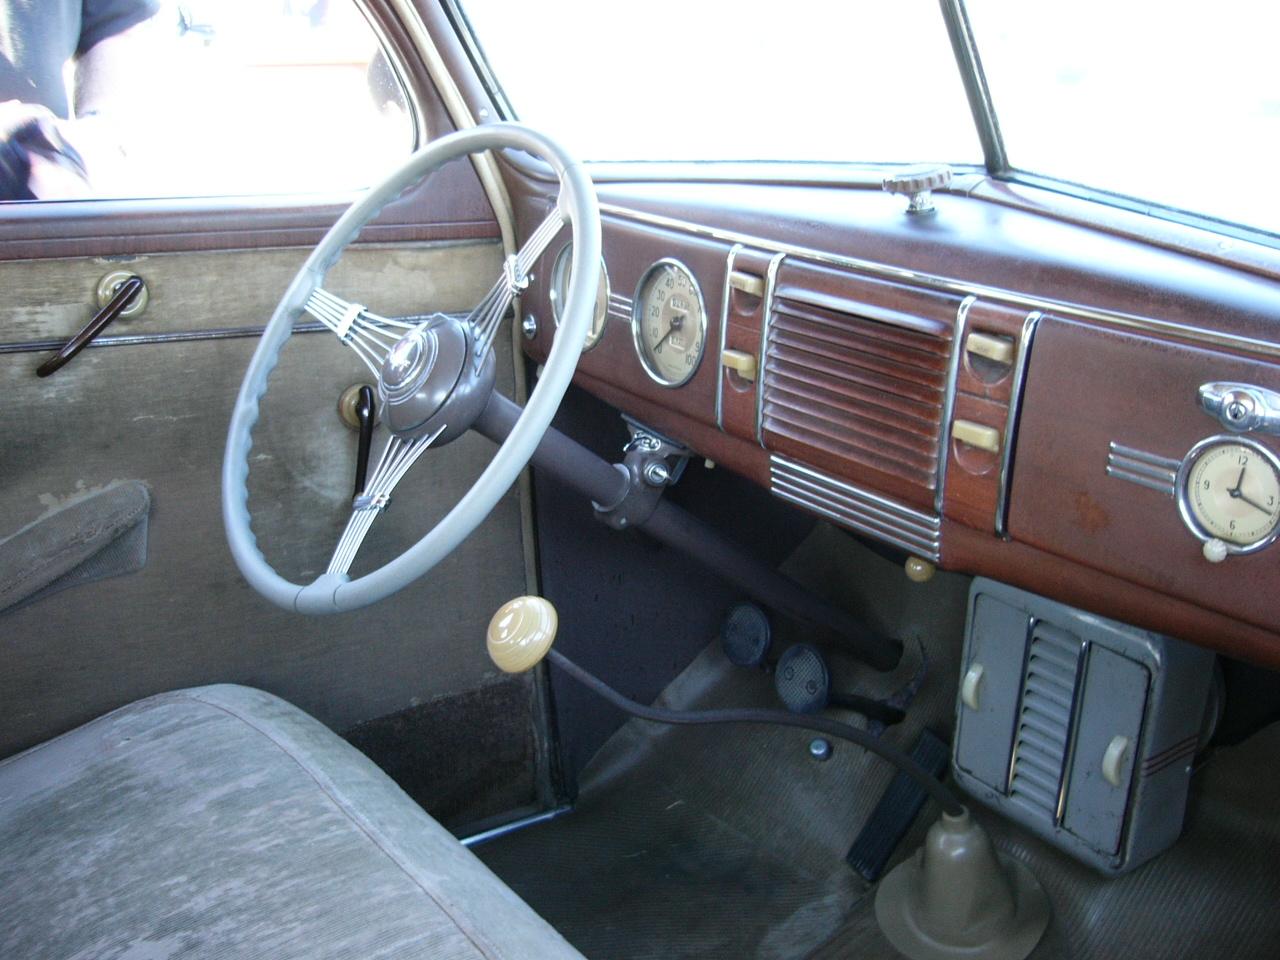 1939 ford deluxe sedan interior by roadtripdog on deviantart